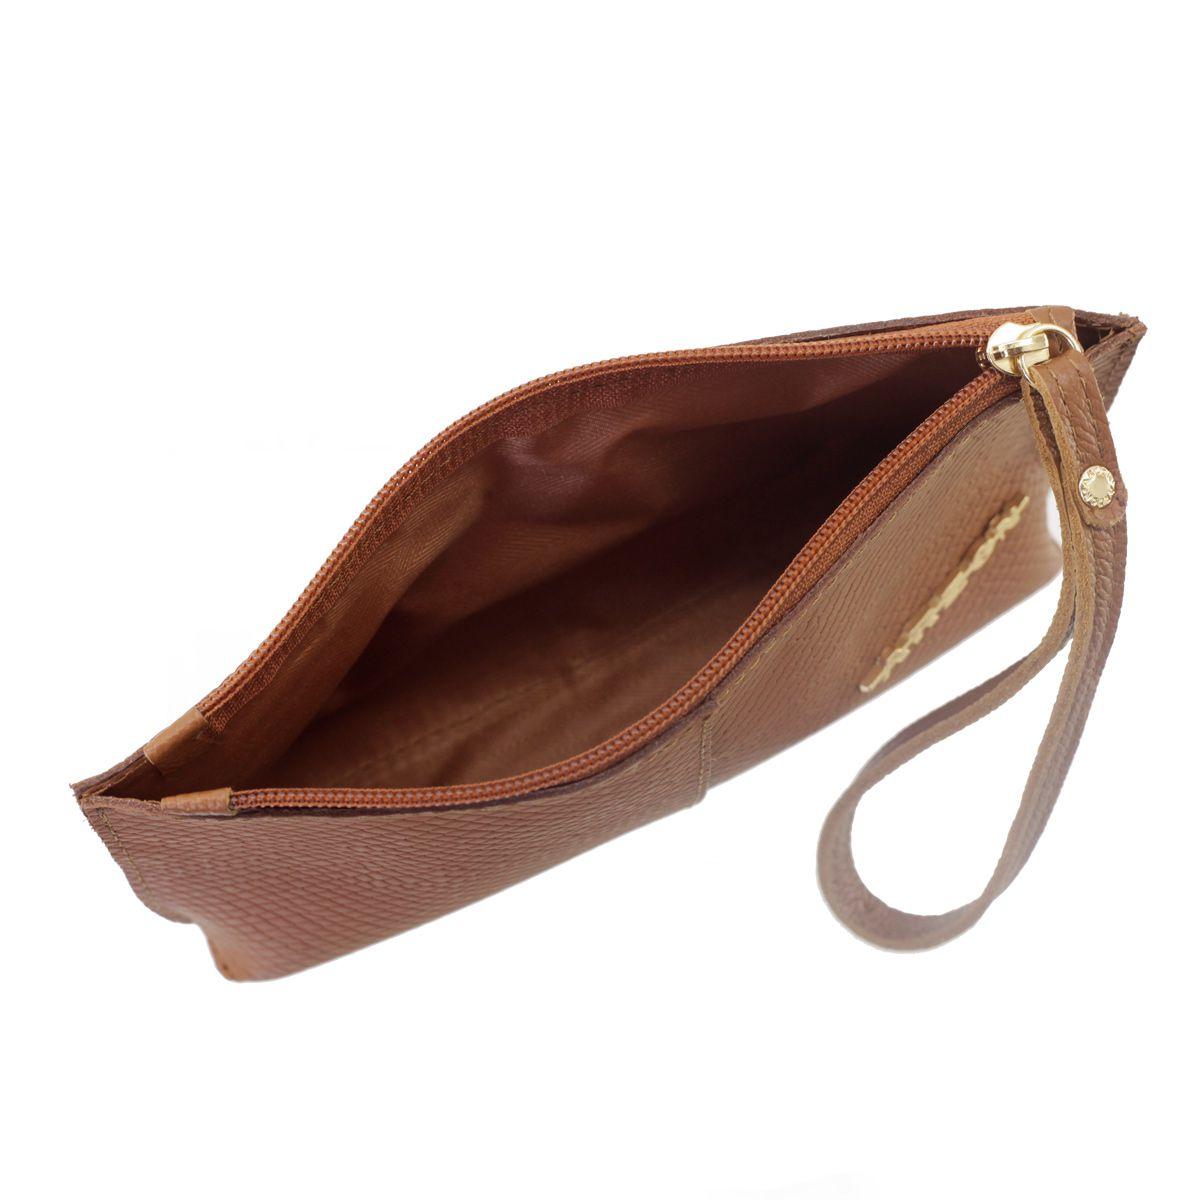 8566c304ff42f ... Bolsa de Mão ou Necessaire com Alça Caramelo - ARZON ...